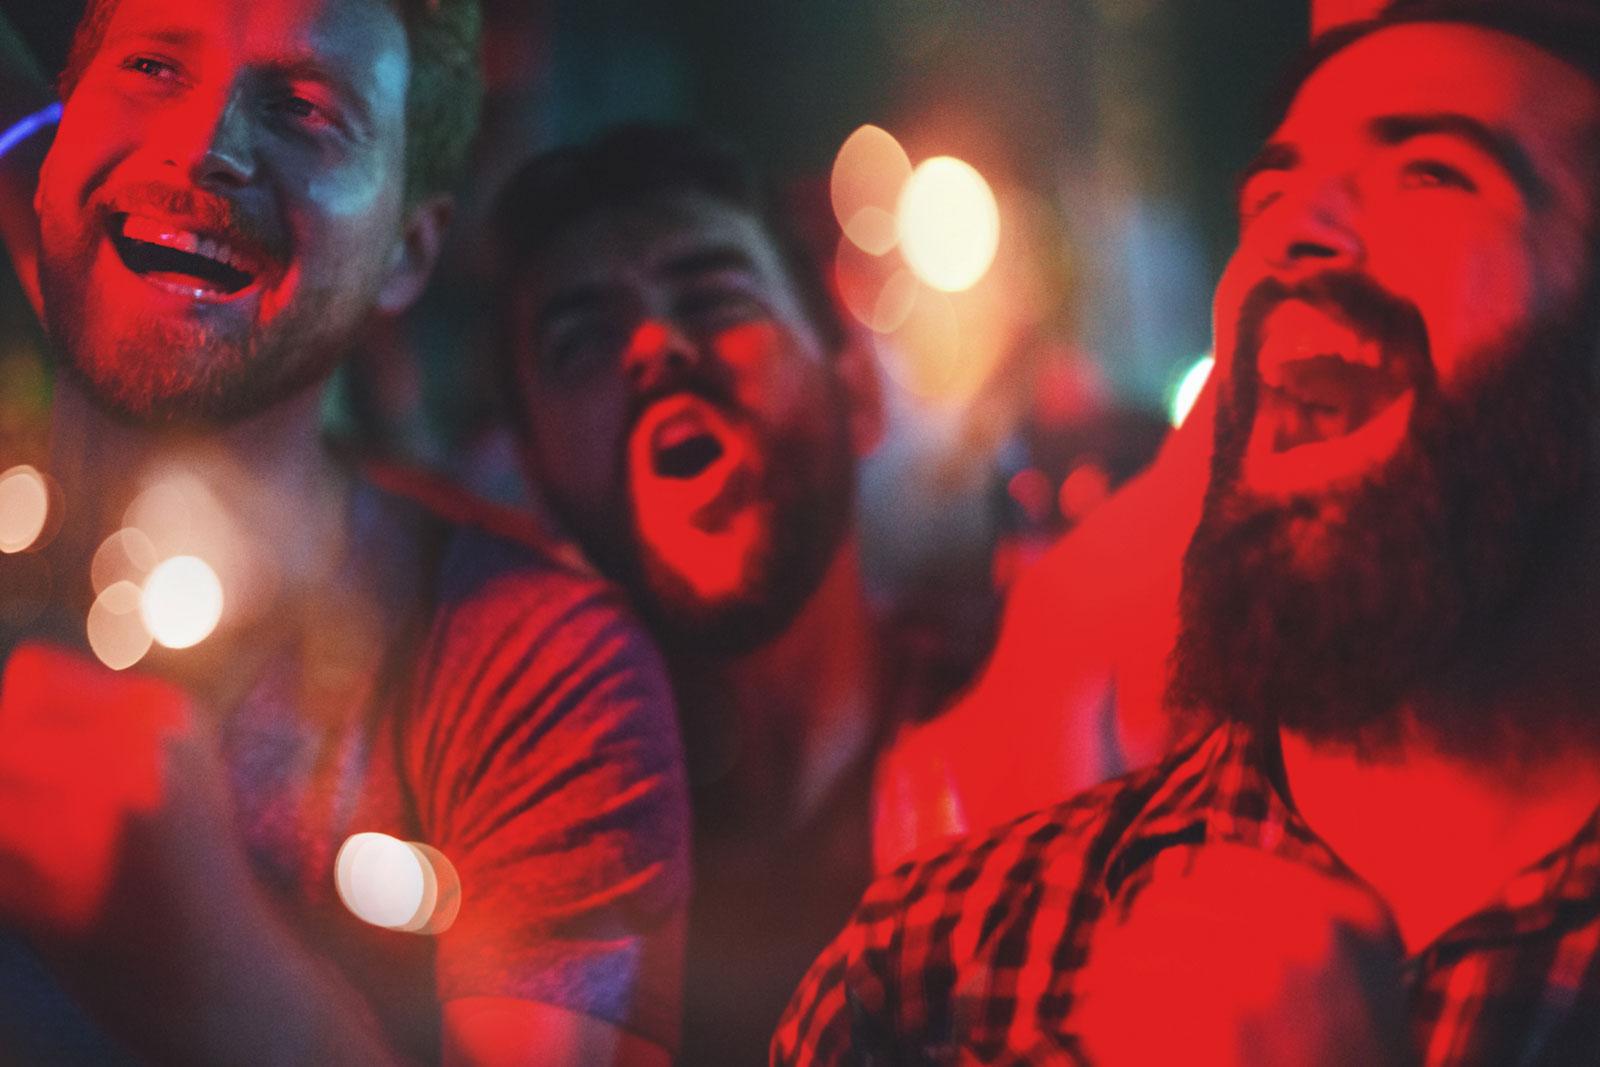 Beim Singen produzieren wir Oxytocin, das angenehme Gefühle auslöst und den Körper entspannt. So werden Stress bzw. die negativen Folgen von Stress abgebaut.